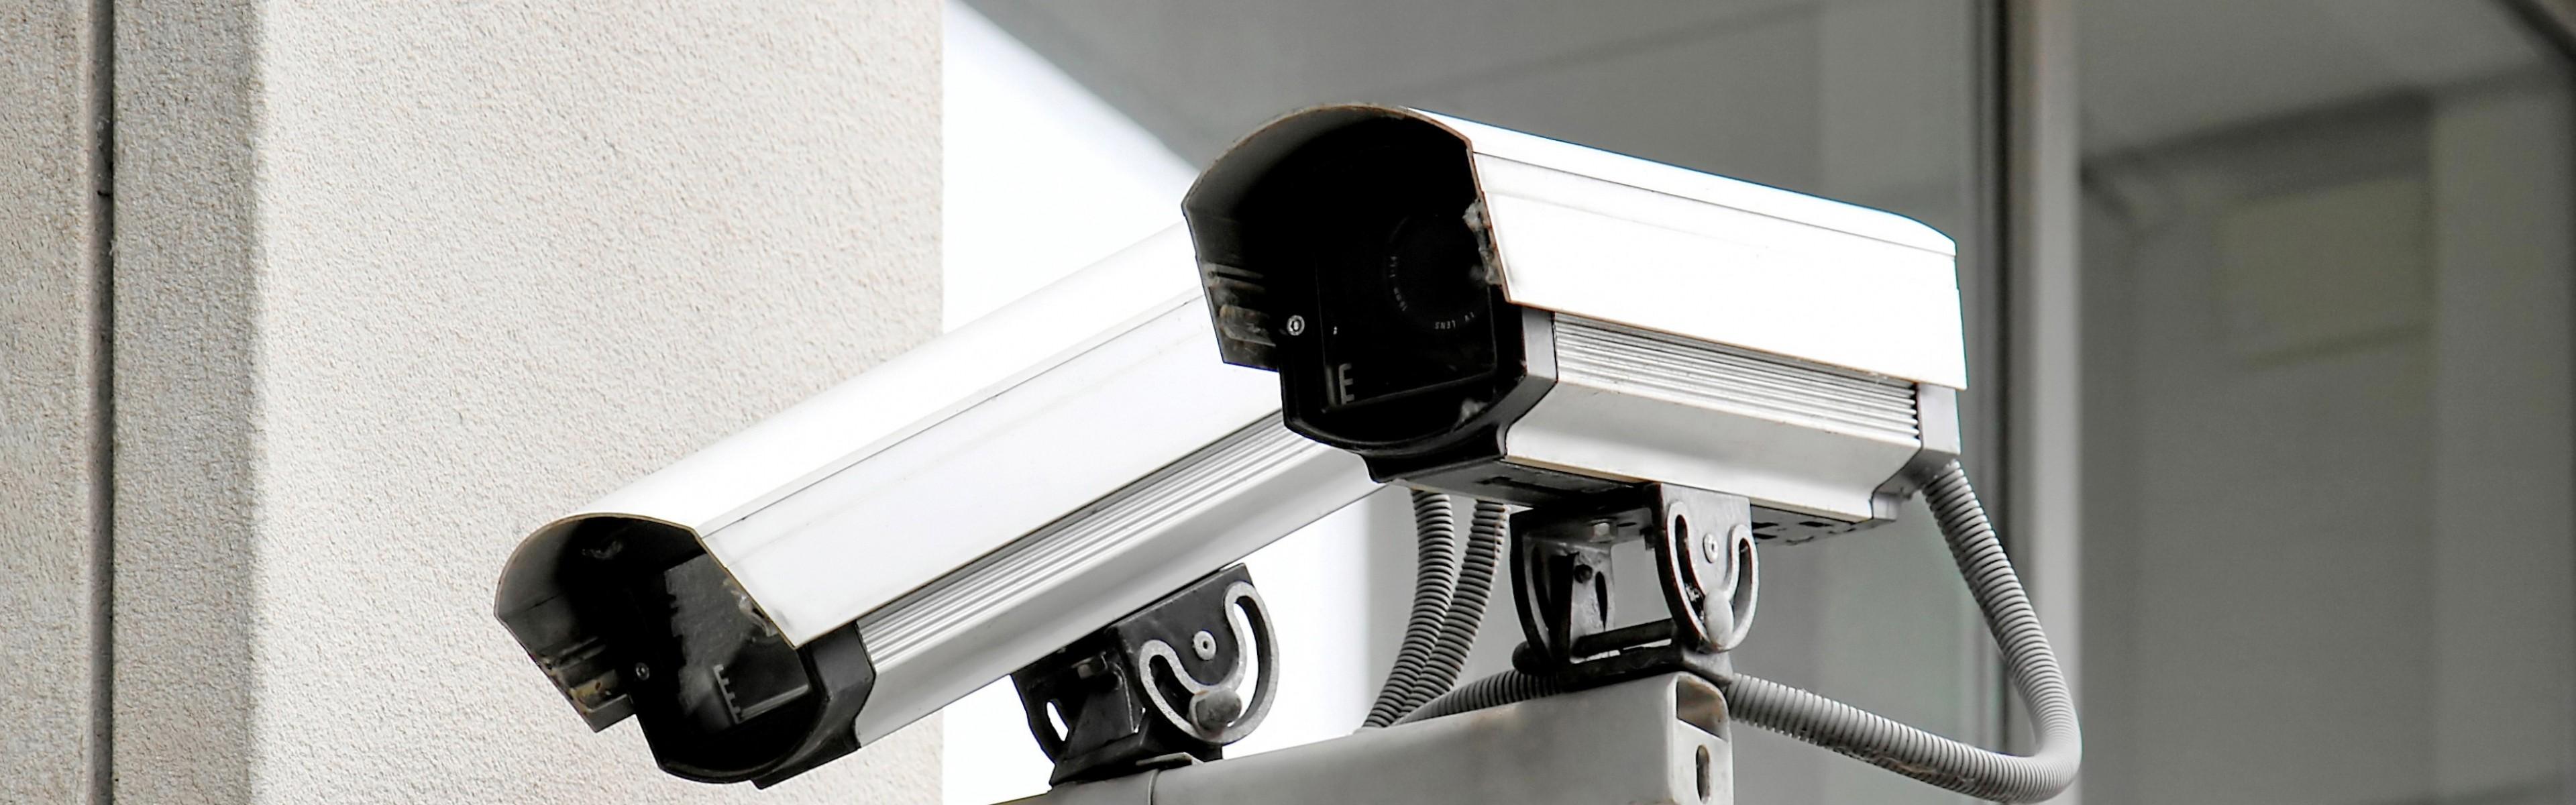 3840x1200 BTransparent Wallpaper Camera B